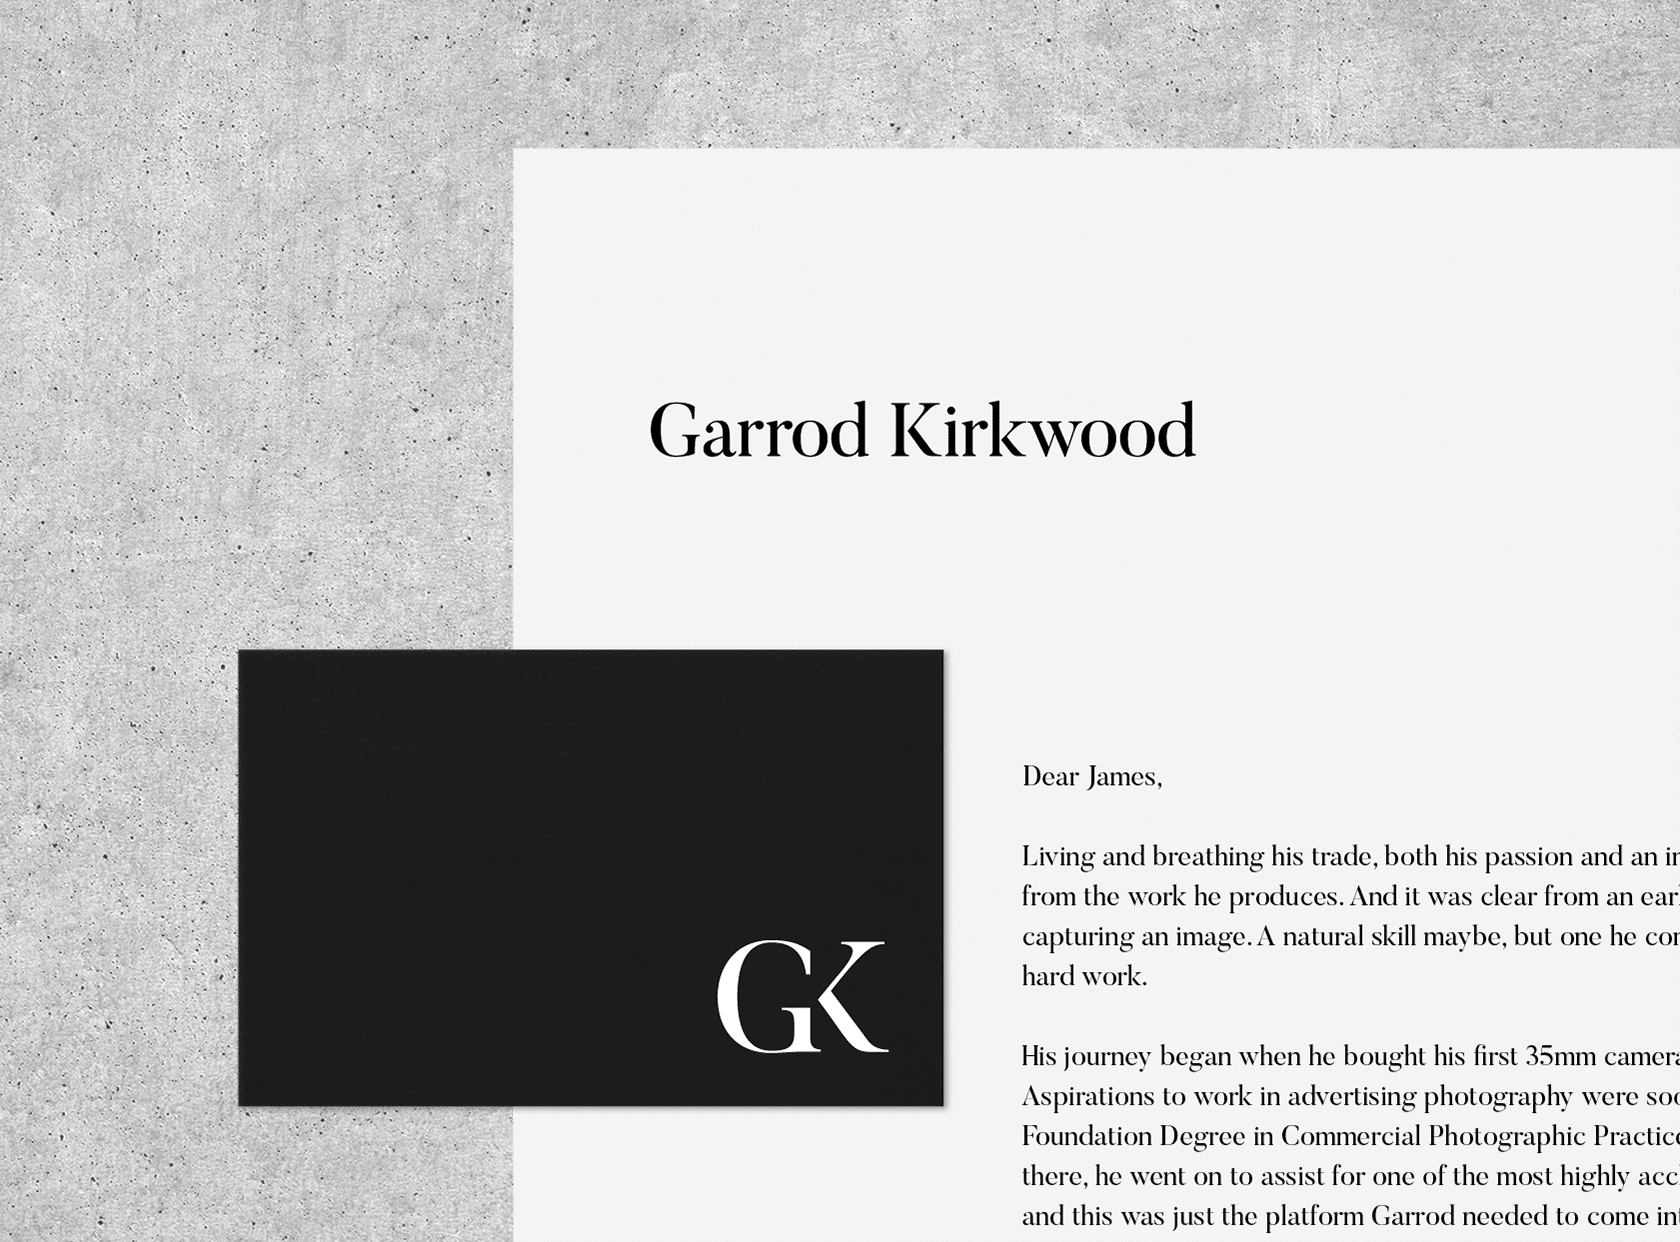 Stationary design for Garrod Kirkwood